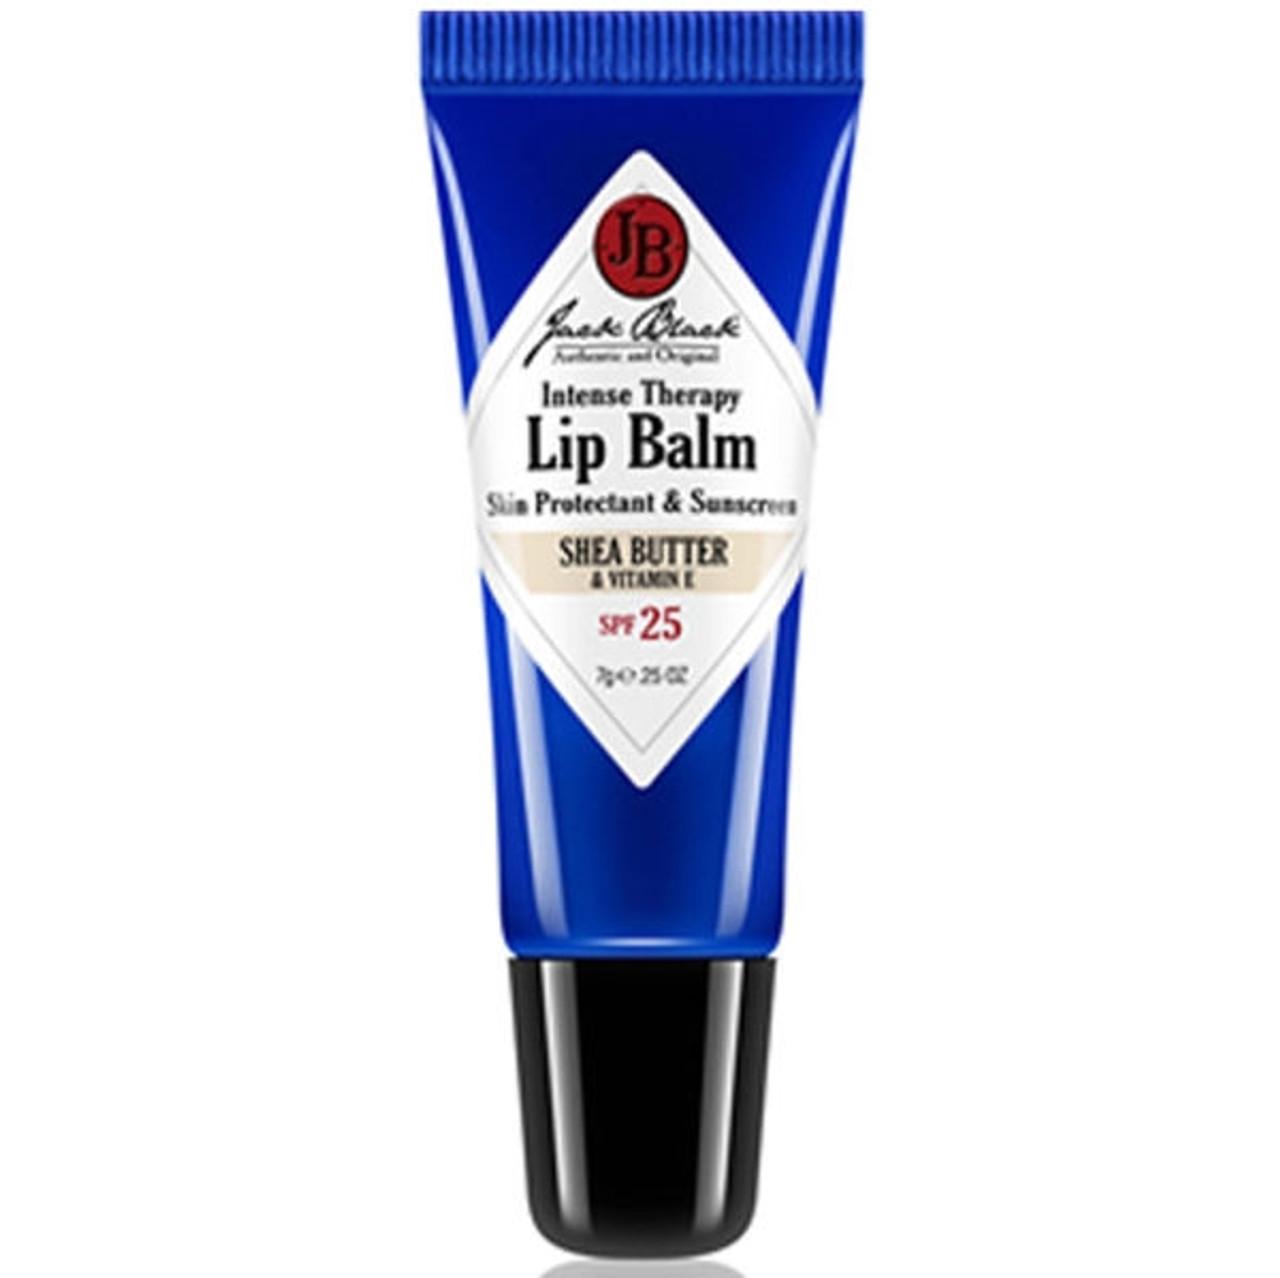 Jack Black Intense Therapy Lip Balm SPF25 - Shea Butter & Vitamin E